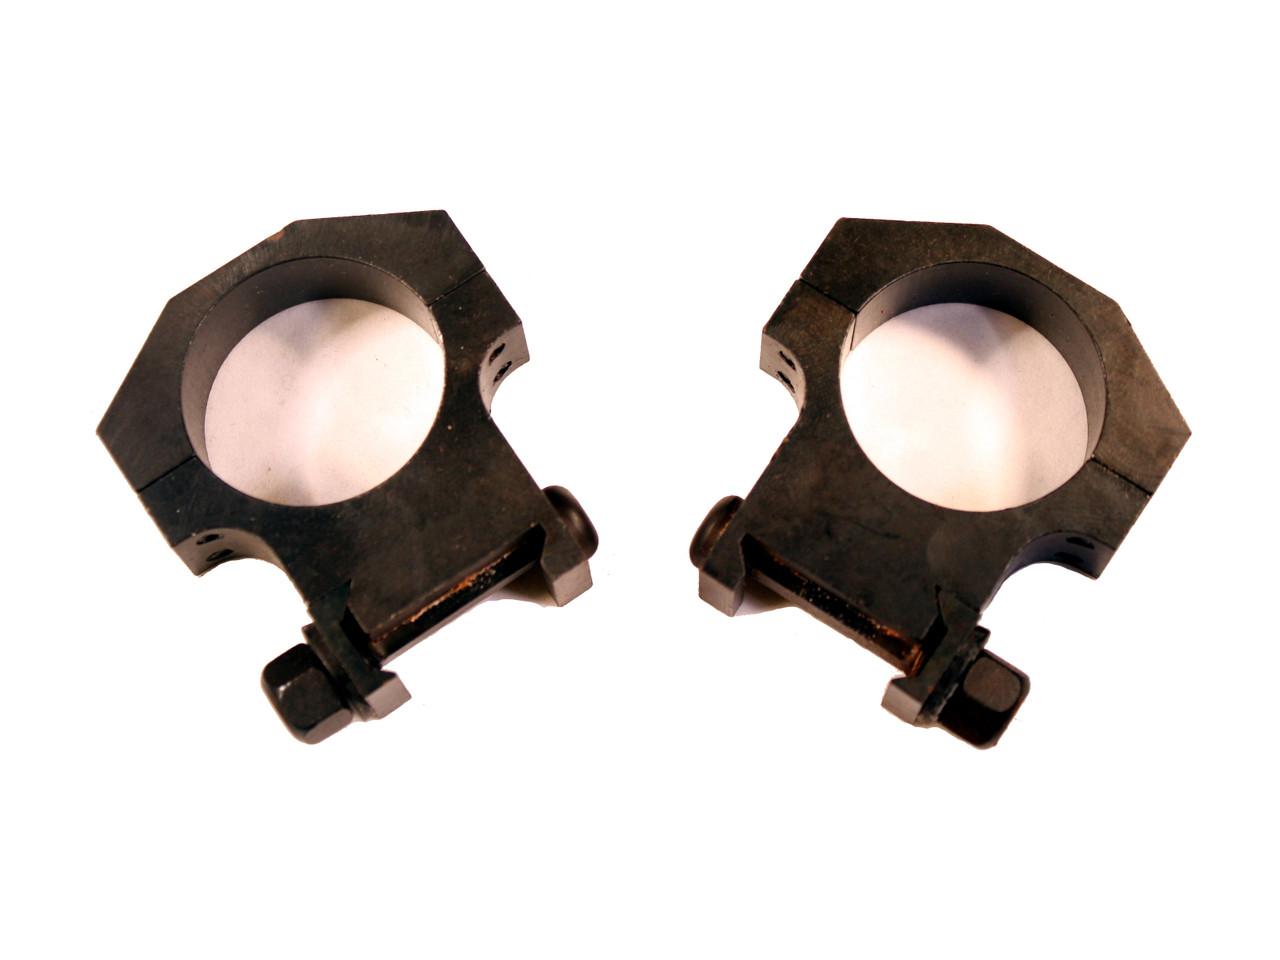 ITT 30 mm Scope Rings